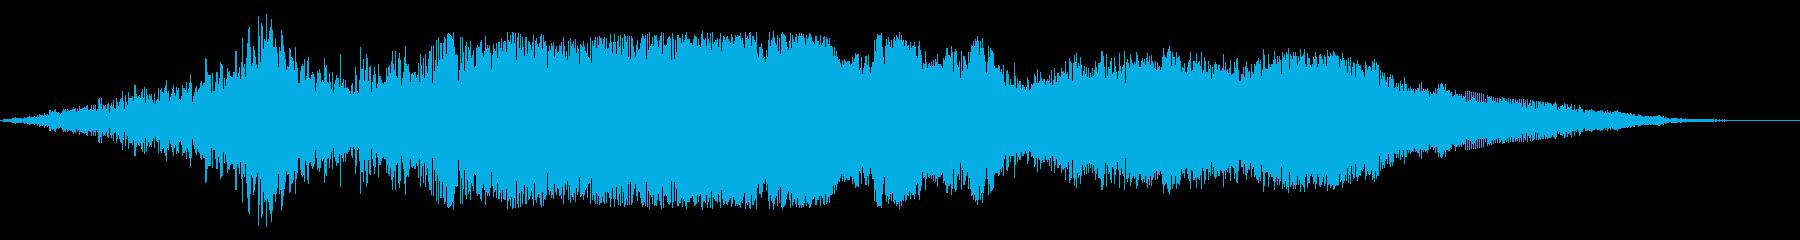 F1などのレース、エンジン音に最適!31の再生済みの波形